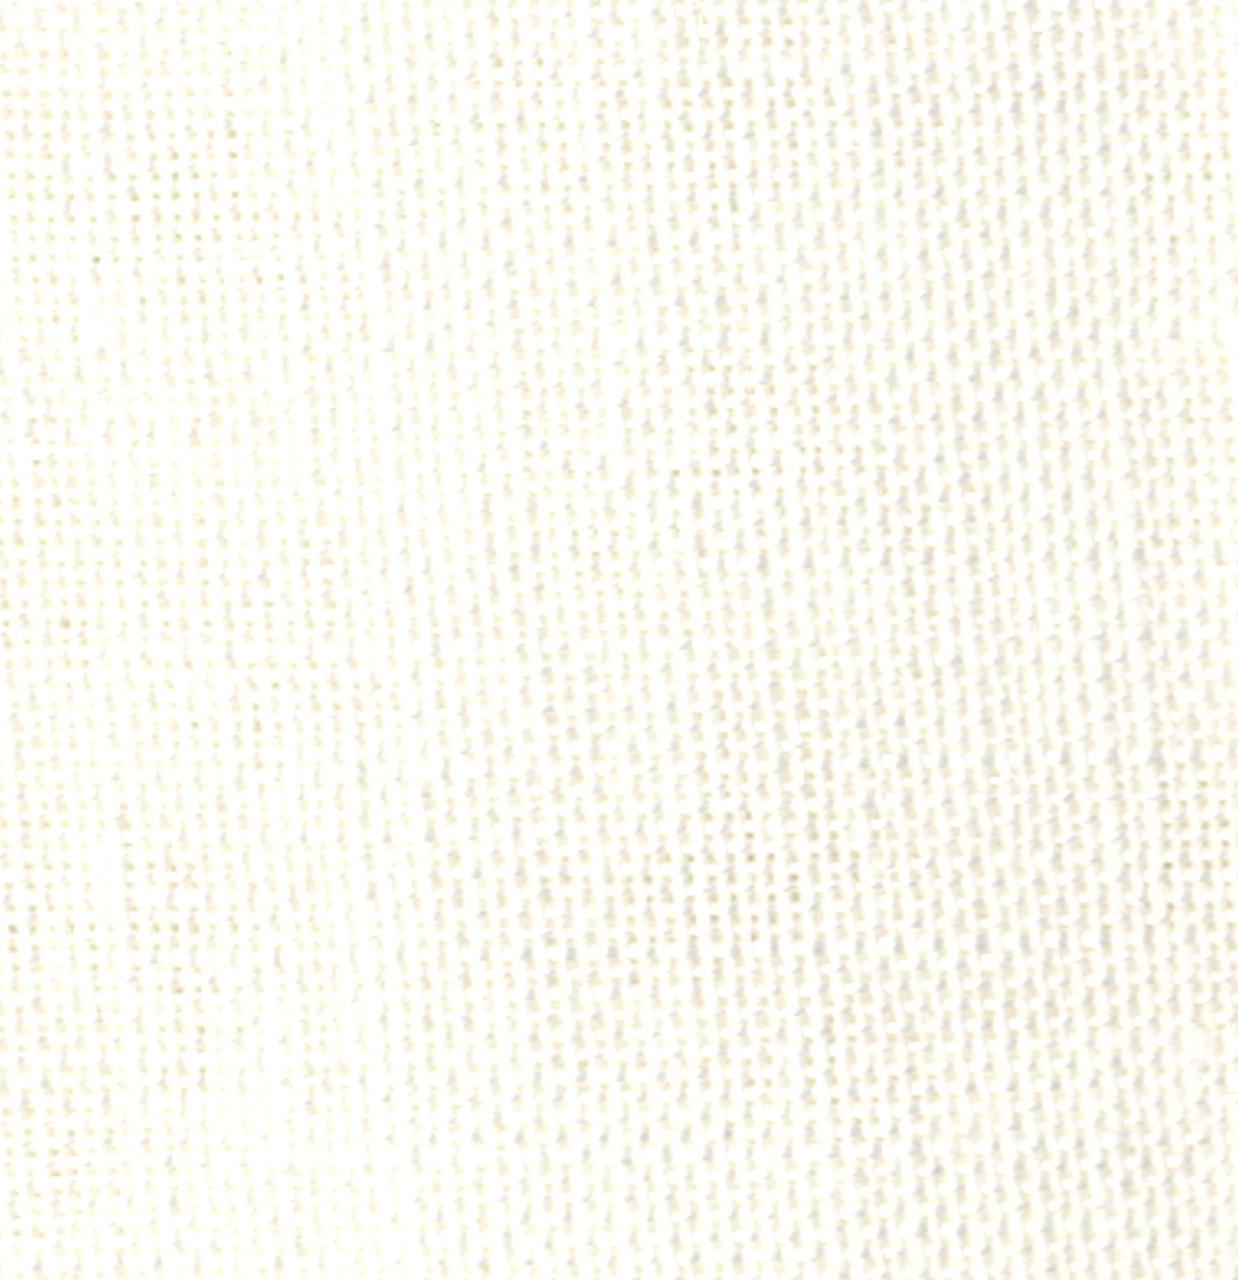 Zweigart - 32 Ct  Antique White Belfast Premium Quality Linen 19 x 27 in